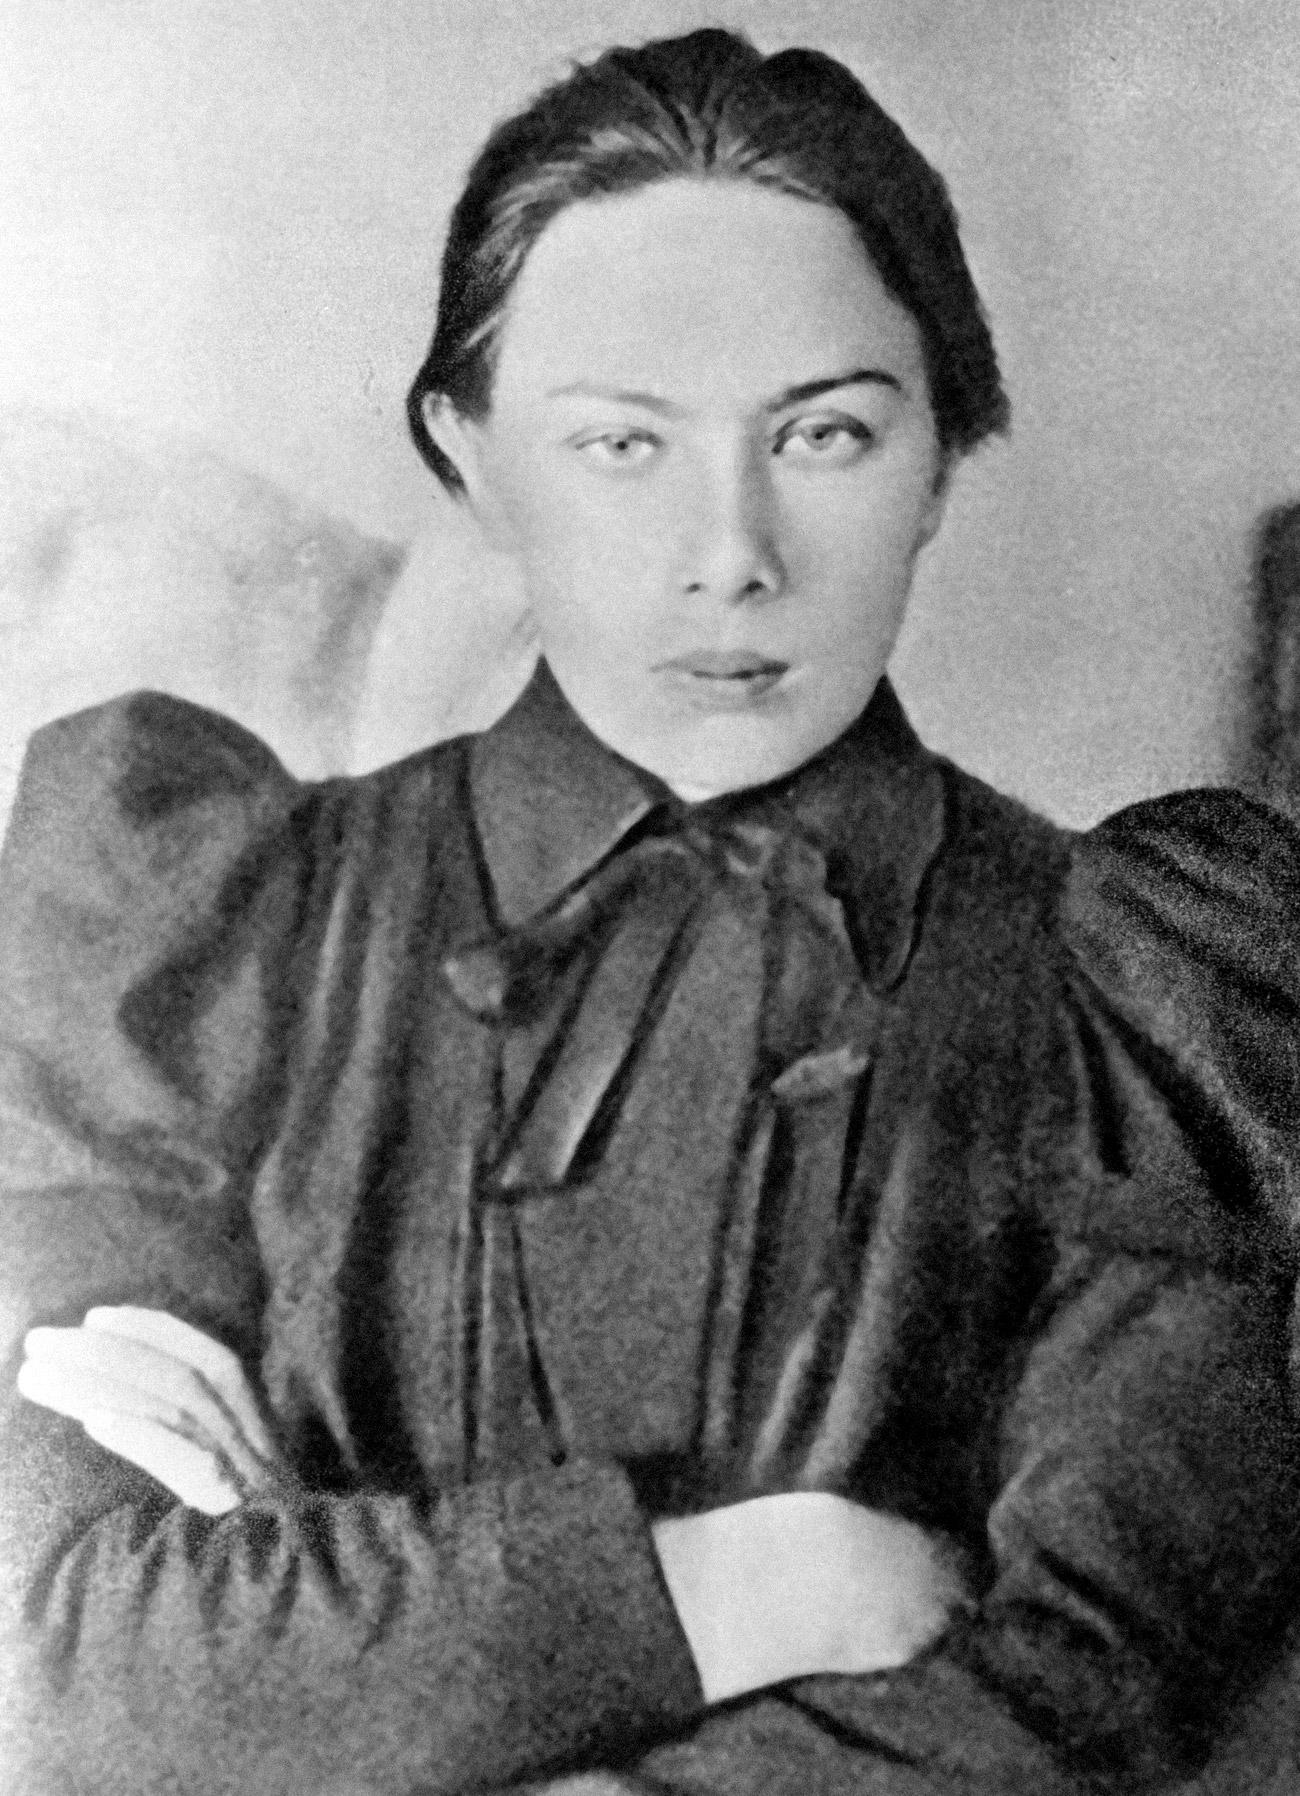 Retrato de Nadezhda Krúpskaya. Fuente: RIA Novosti.